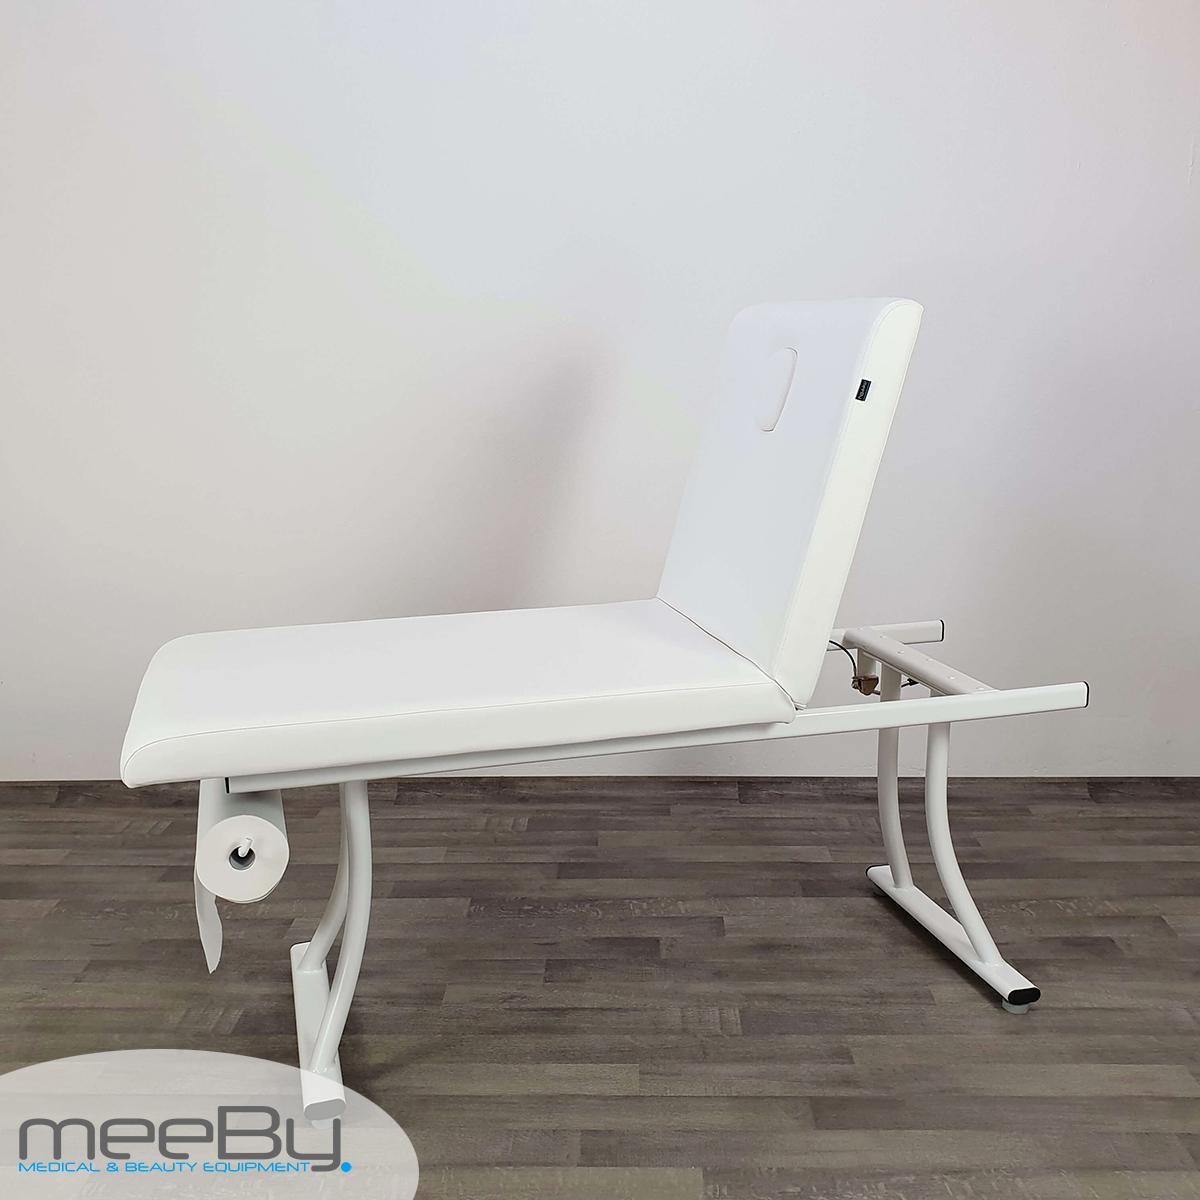 Lettino Massaggio Estetista.Lettino Da Massaggio Bianco Per Estetista Visita Medica Studio Estetica